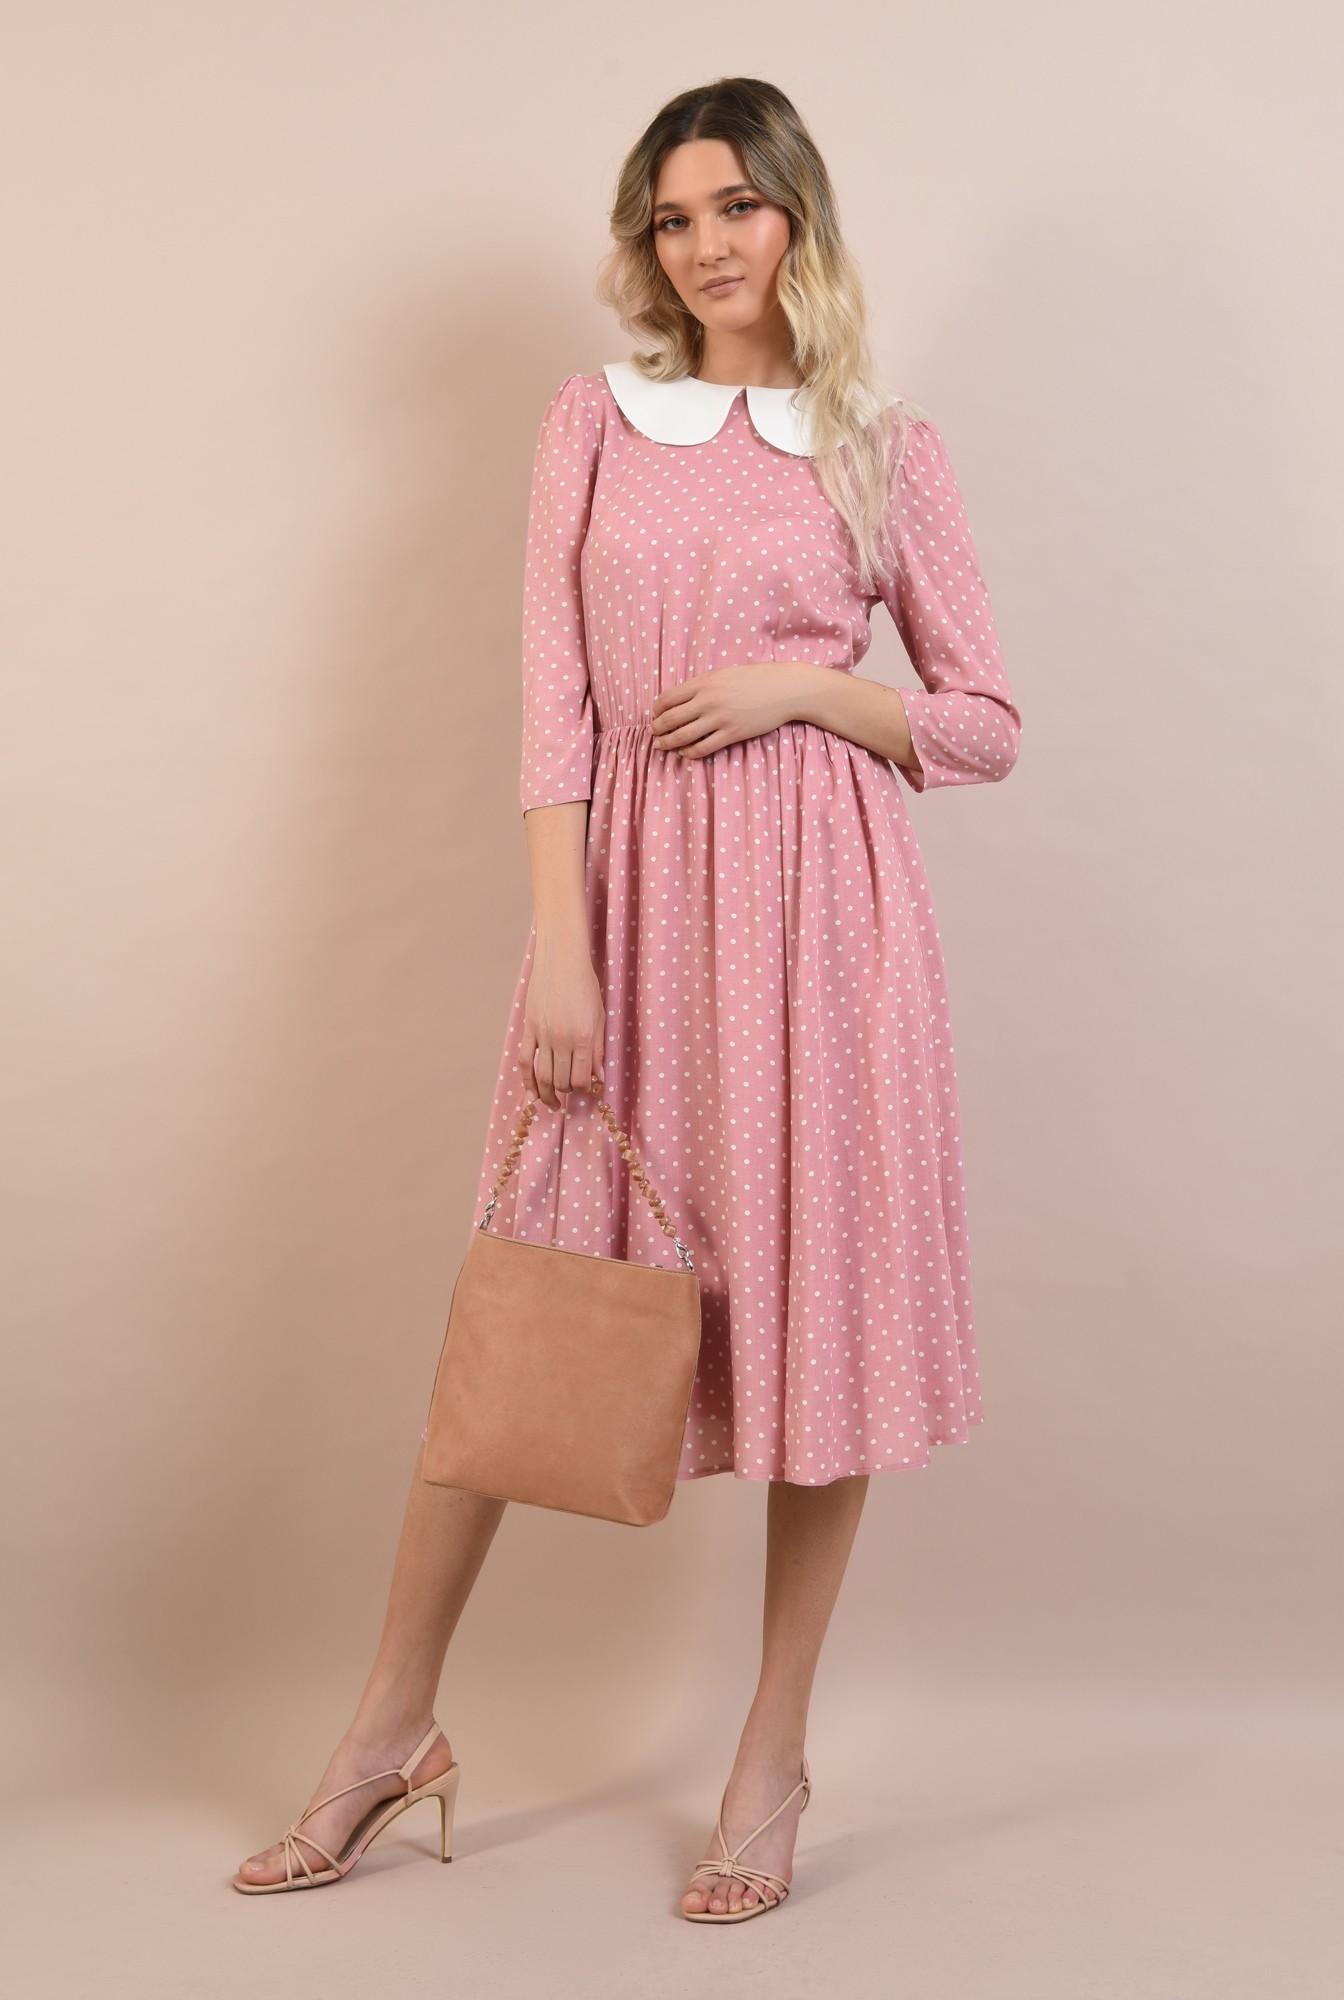 3 -  rochie cu buline, casual, de zi, rochie de vara, cu guler